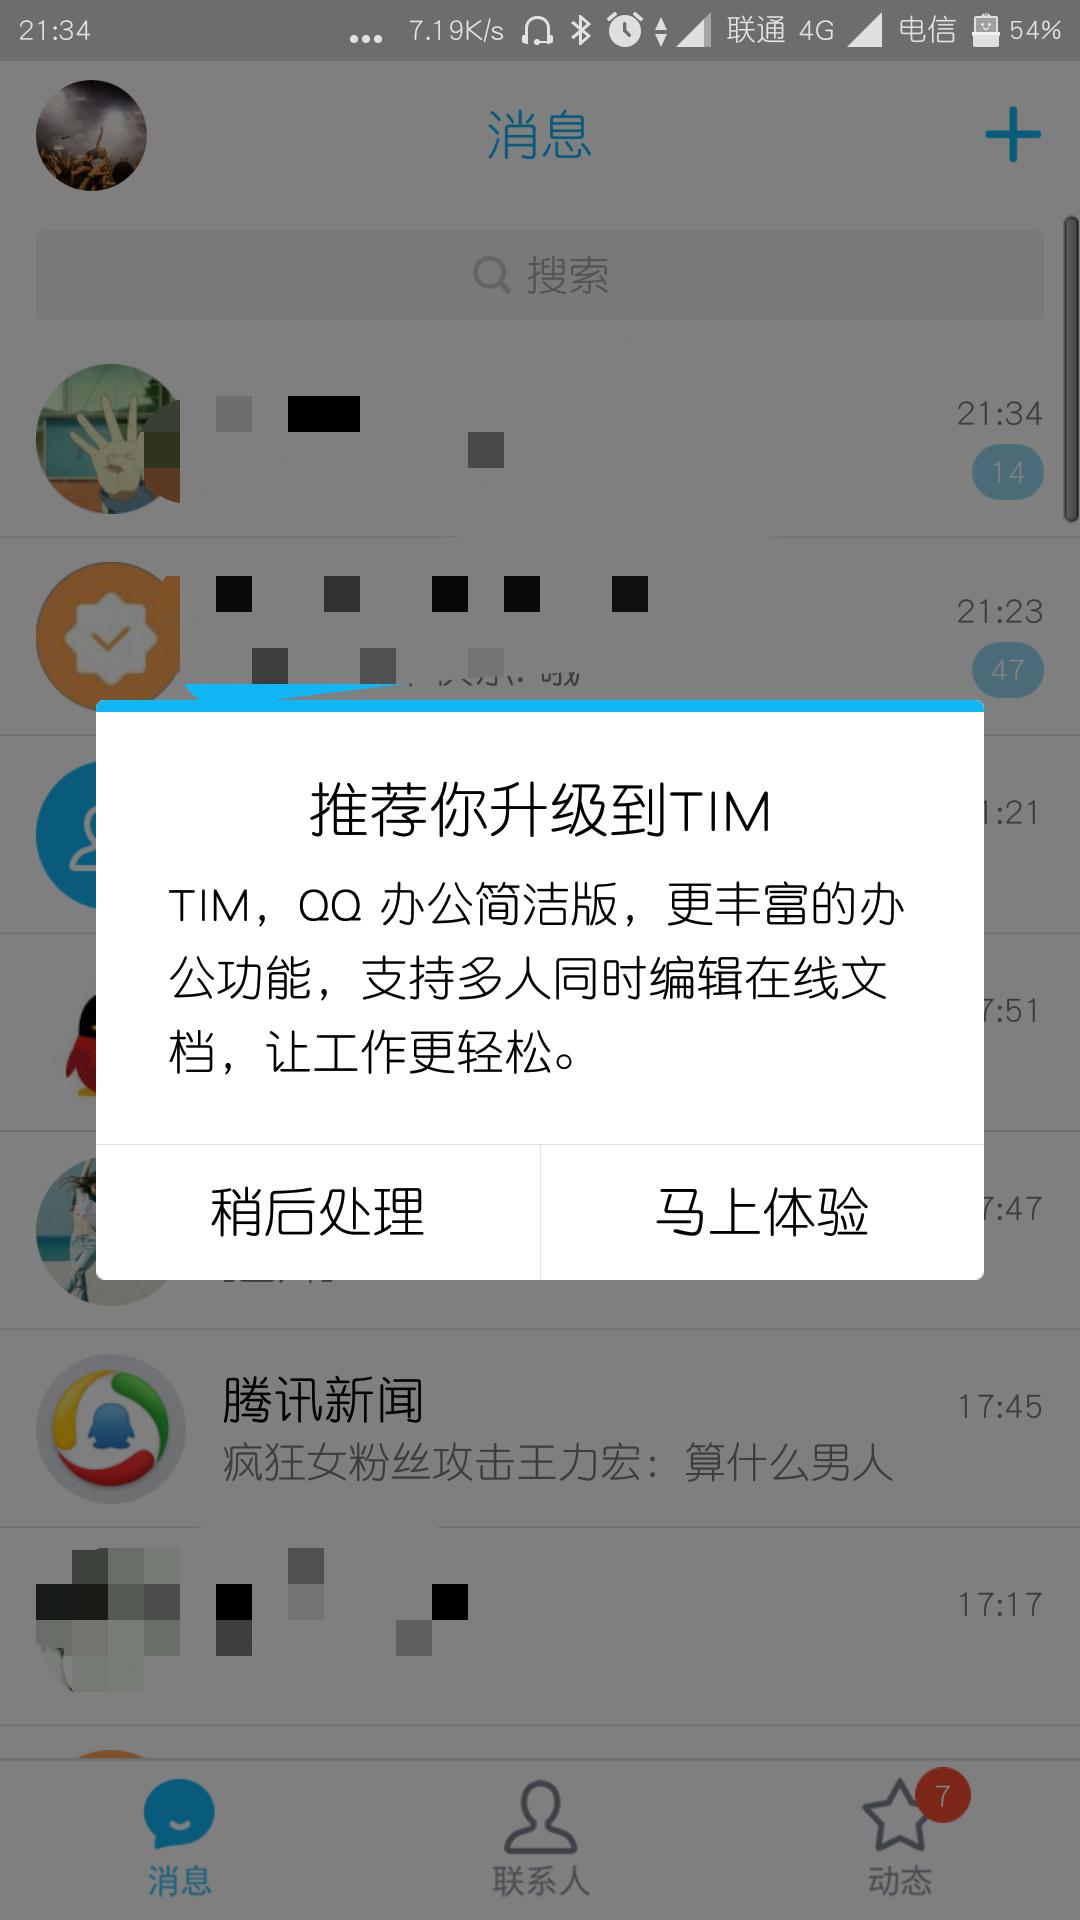 如何看待腾讯QQ手机版开始推荐升级TIM?